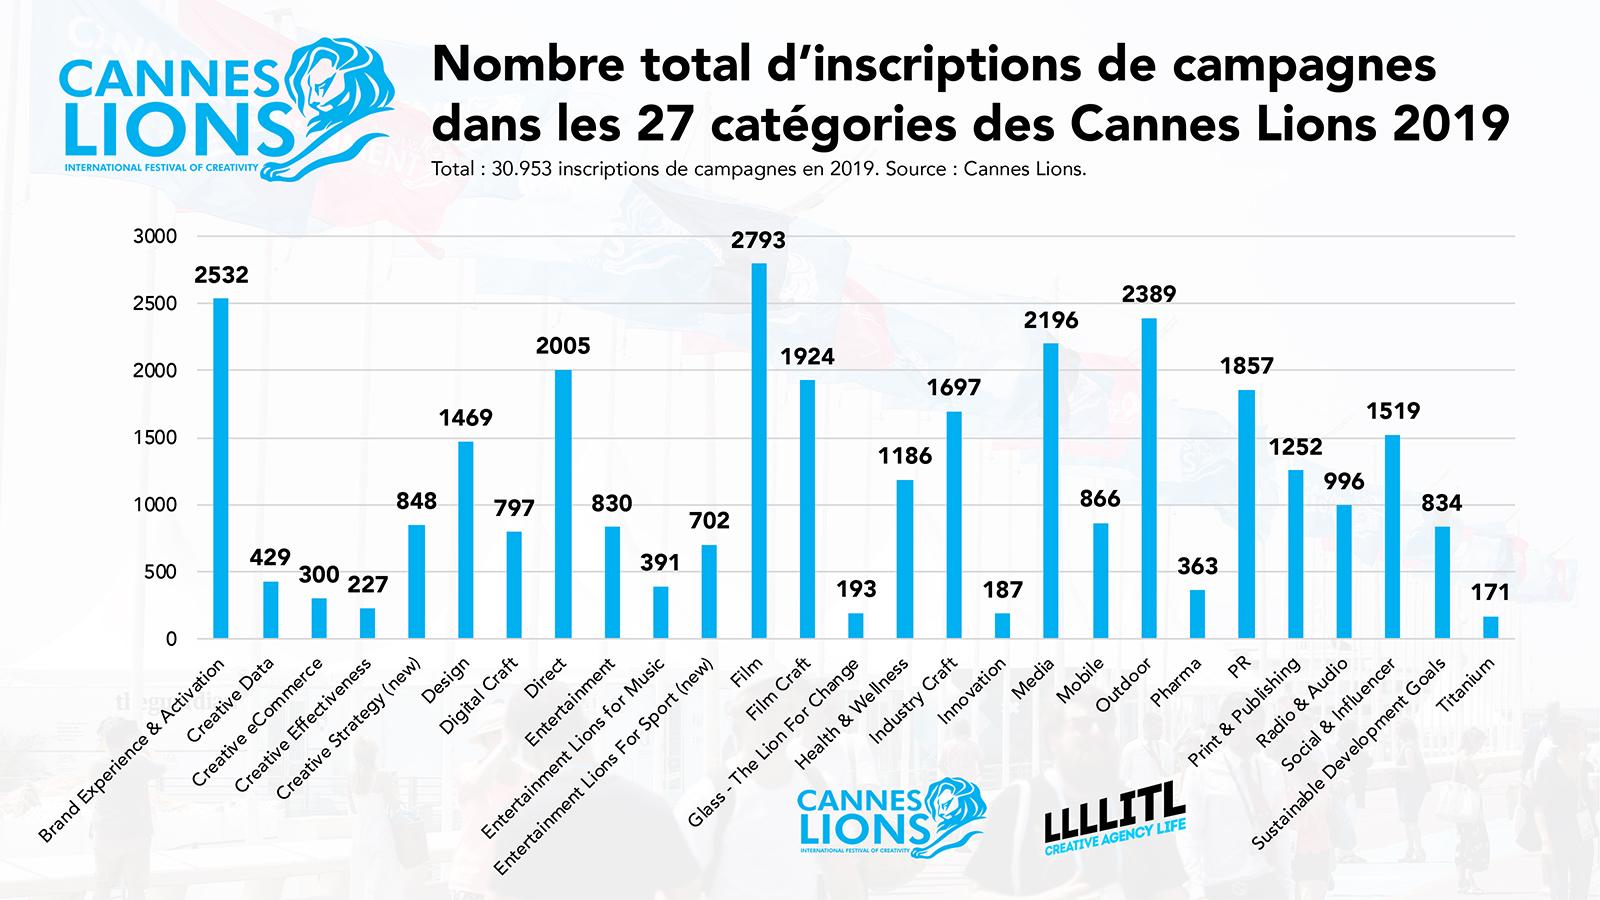 Cannes Lions 2019 : nombre total d'inscriptions de campagnes dans les 27 catégories